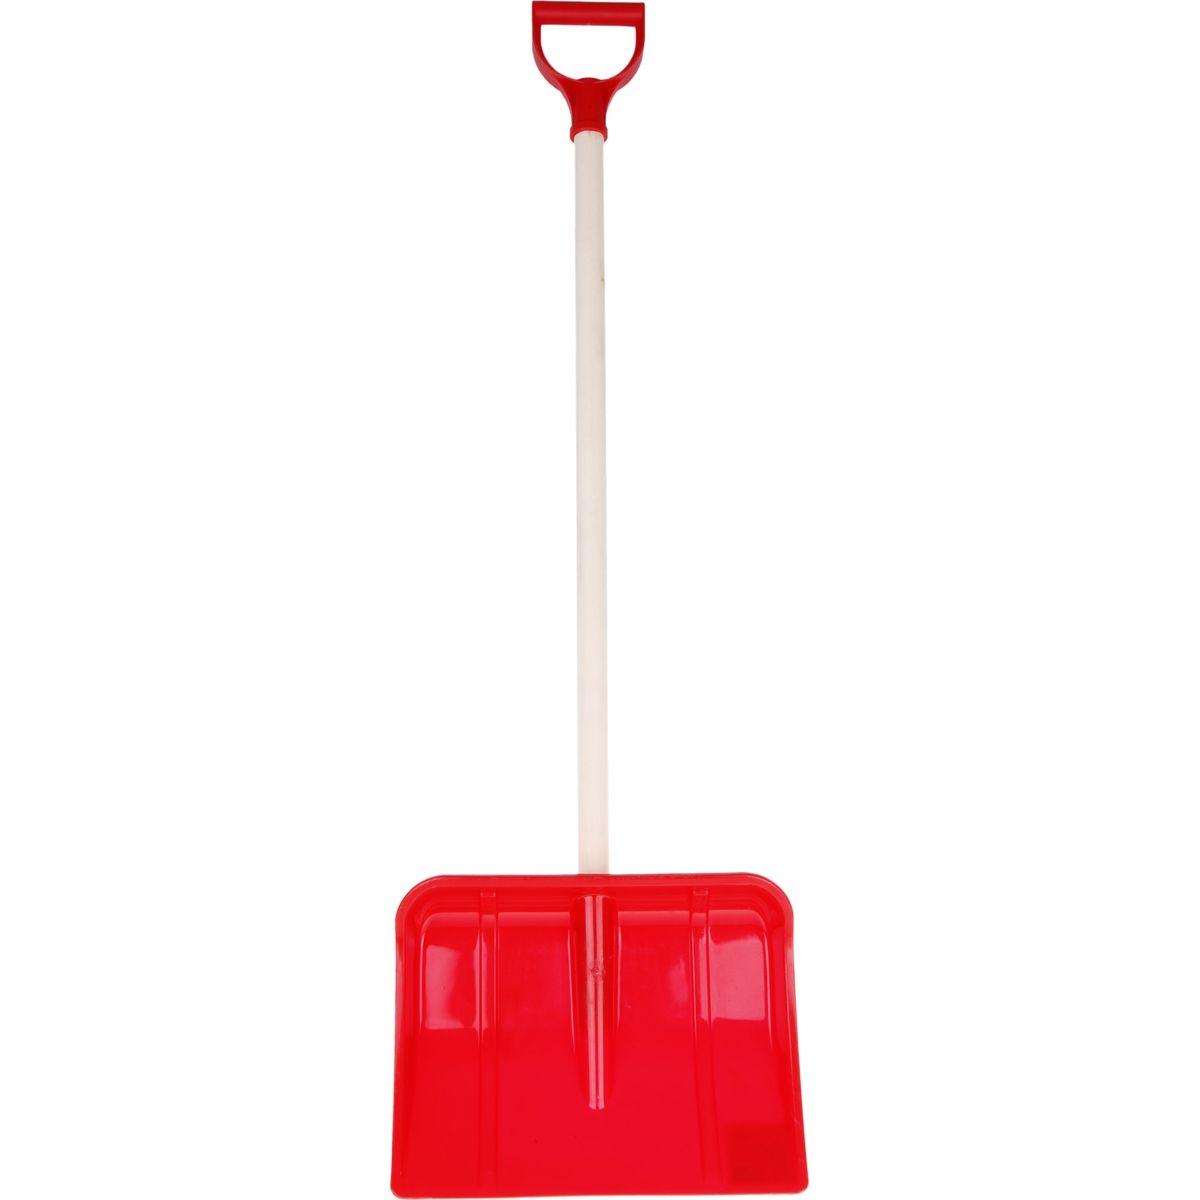 Lopata na vyhrnování sněhu 95 cm - Červená